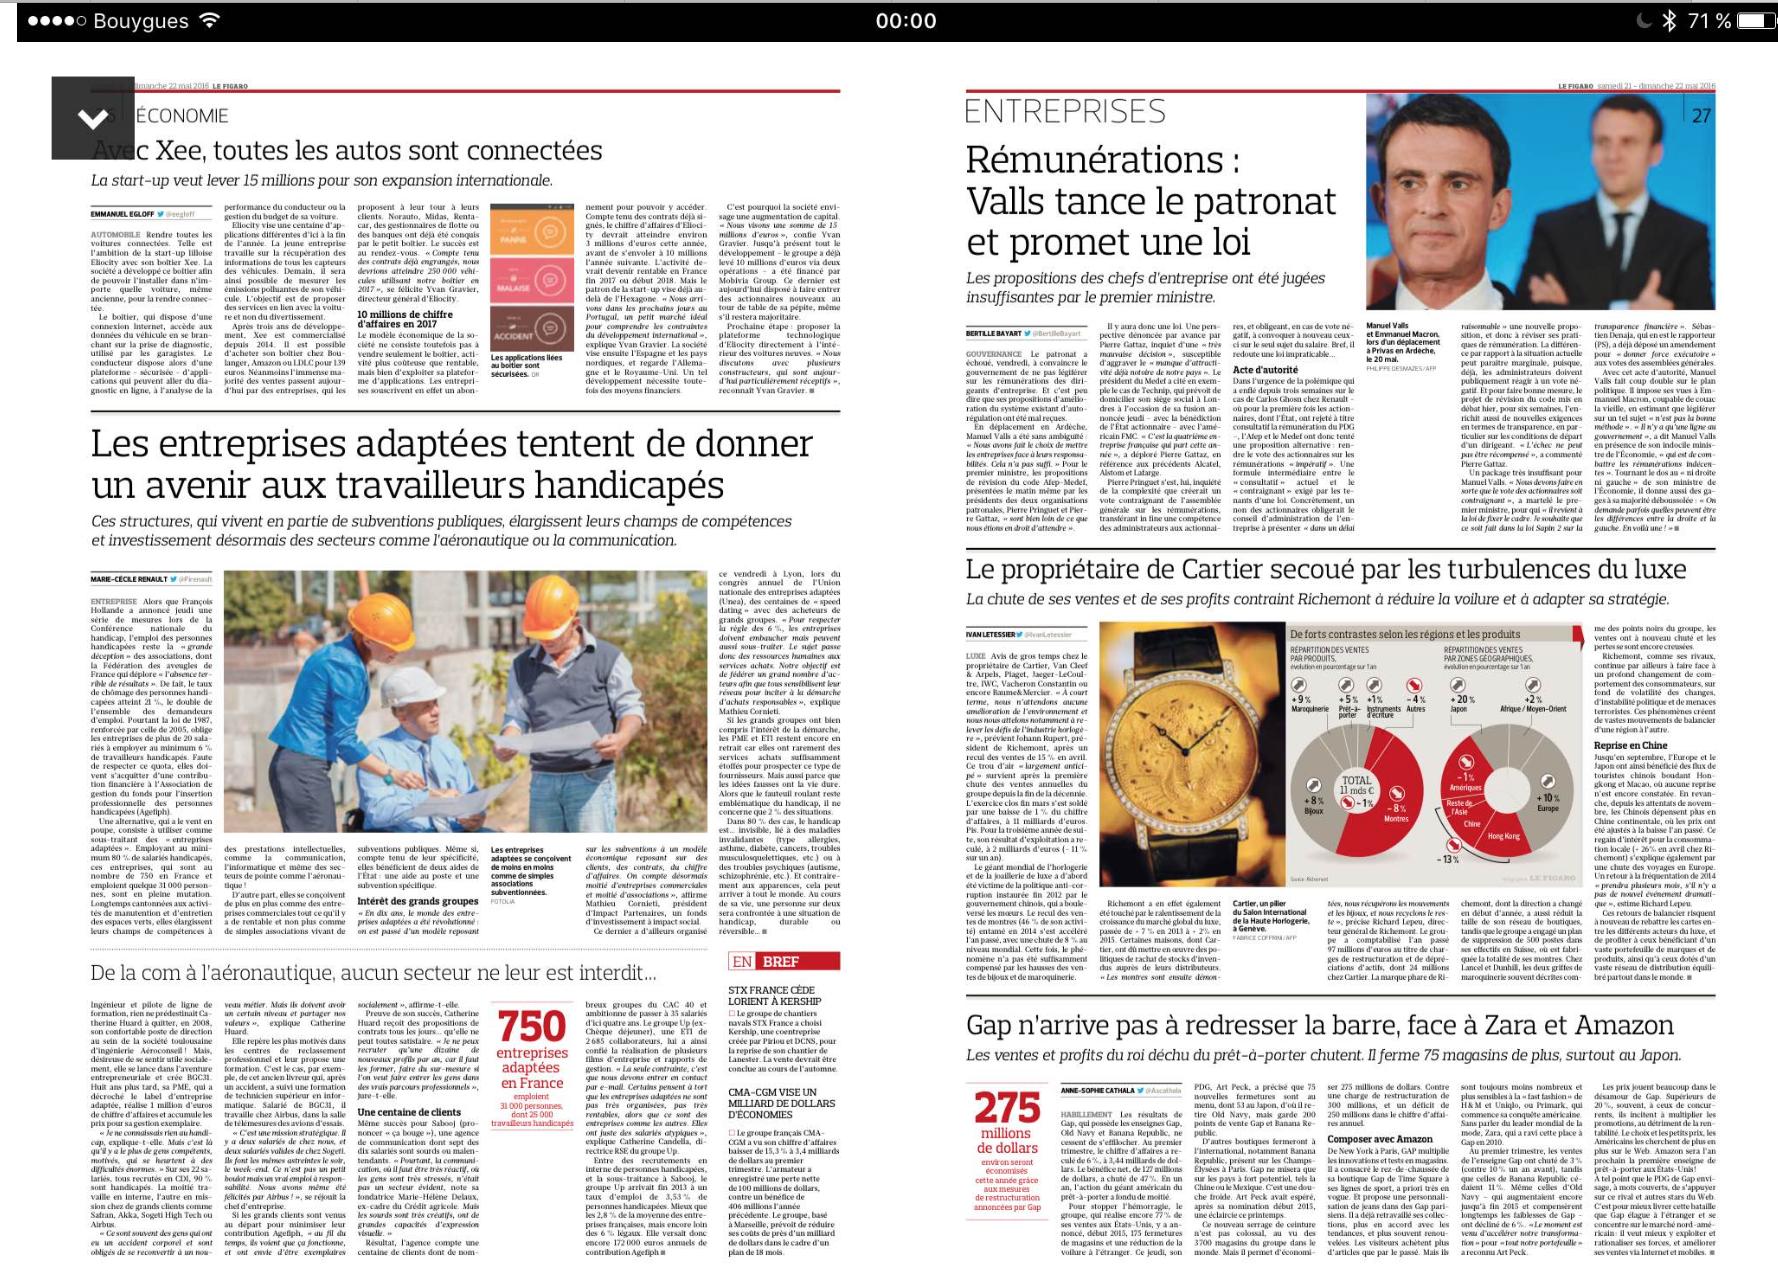 Le-Figaro-entreprises-adaptees-avenir-donne-aux-travailleurs-handicapes.png